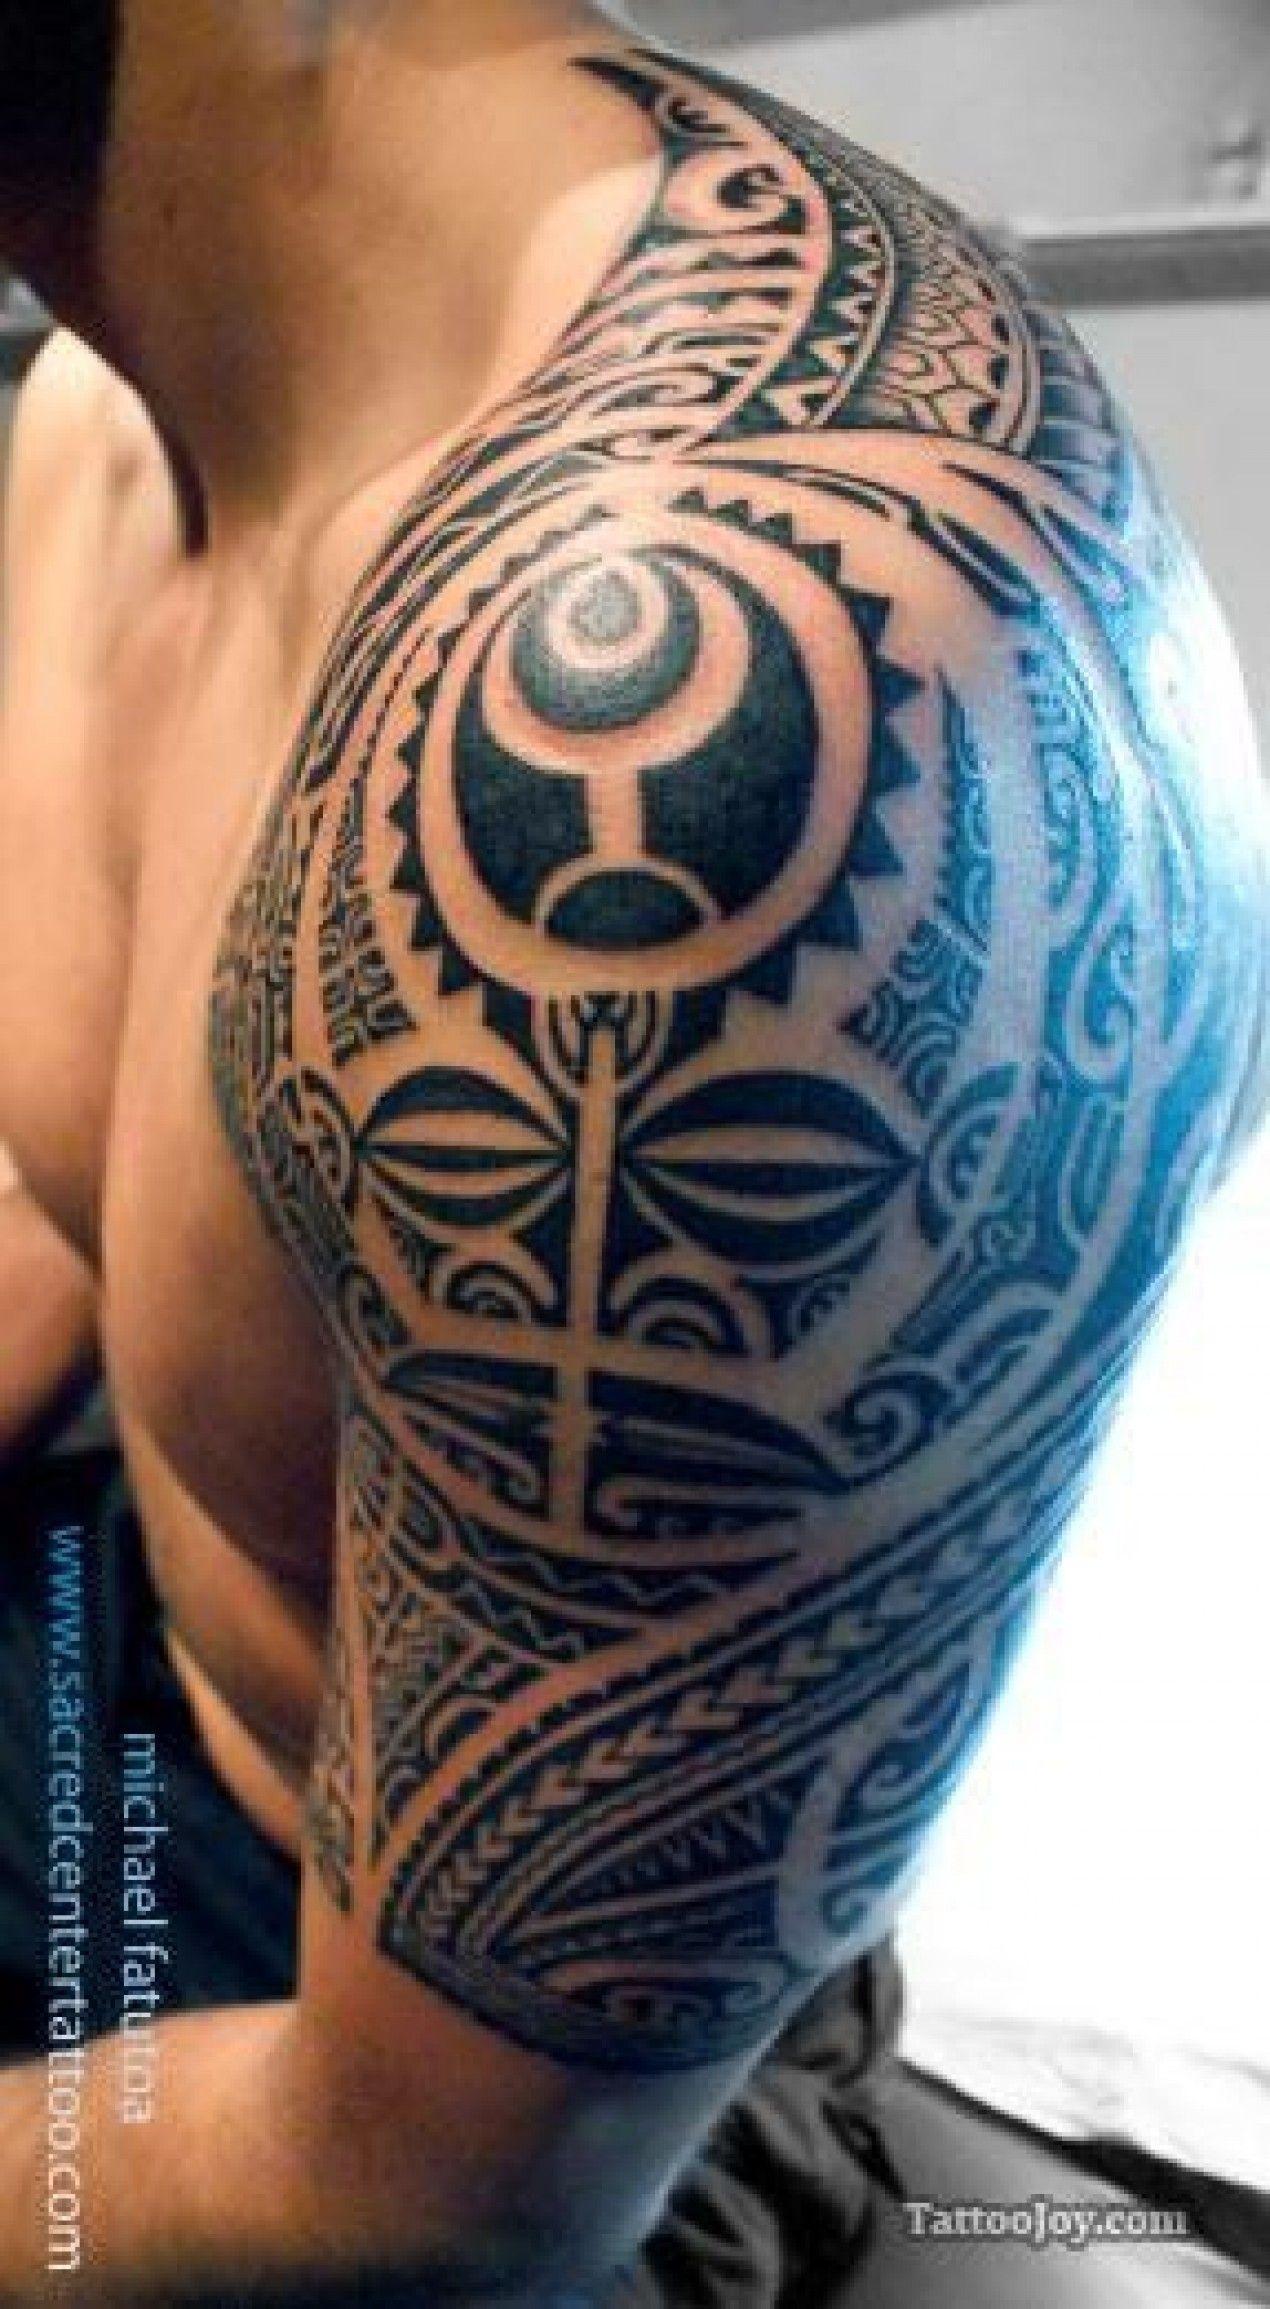 tatouage maori homme tatouage tribal tatouages tatouage tatouage maori et tatouage maorie. Black Bedroom Furniture Sets. Home Design Ideas